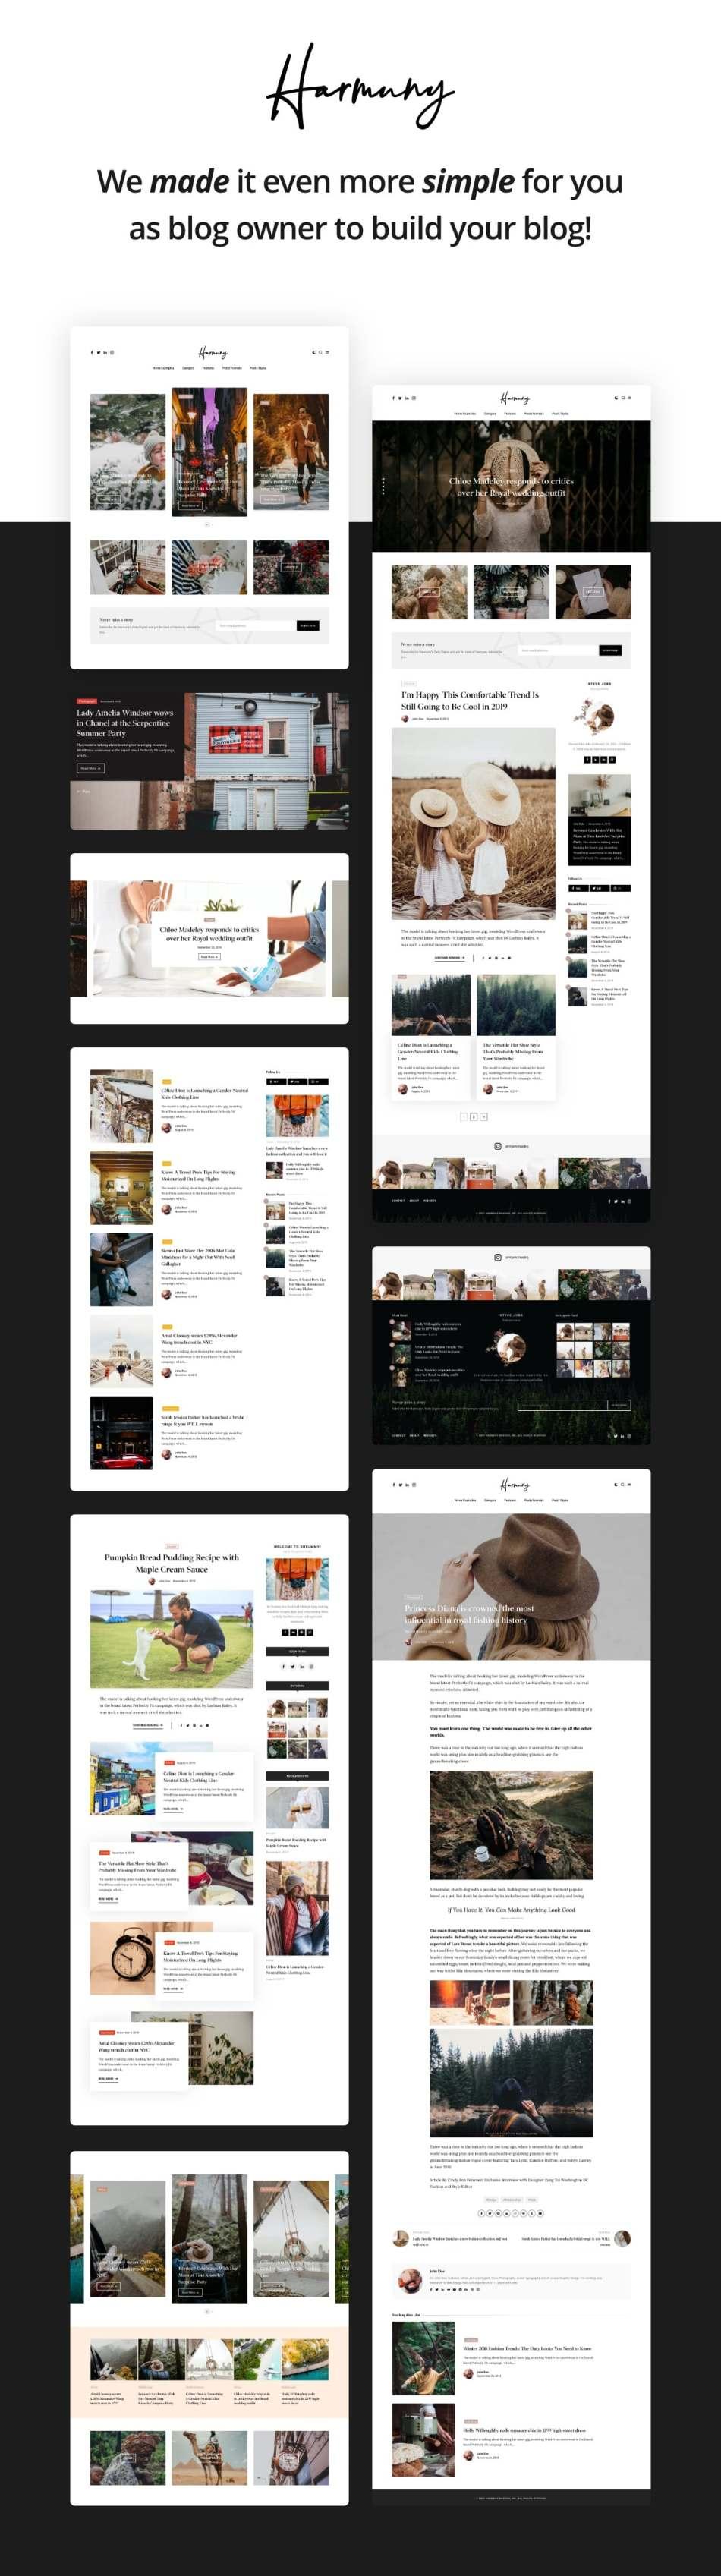 Harmuny - Modern WordPress Blog Theme - 1